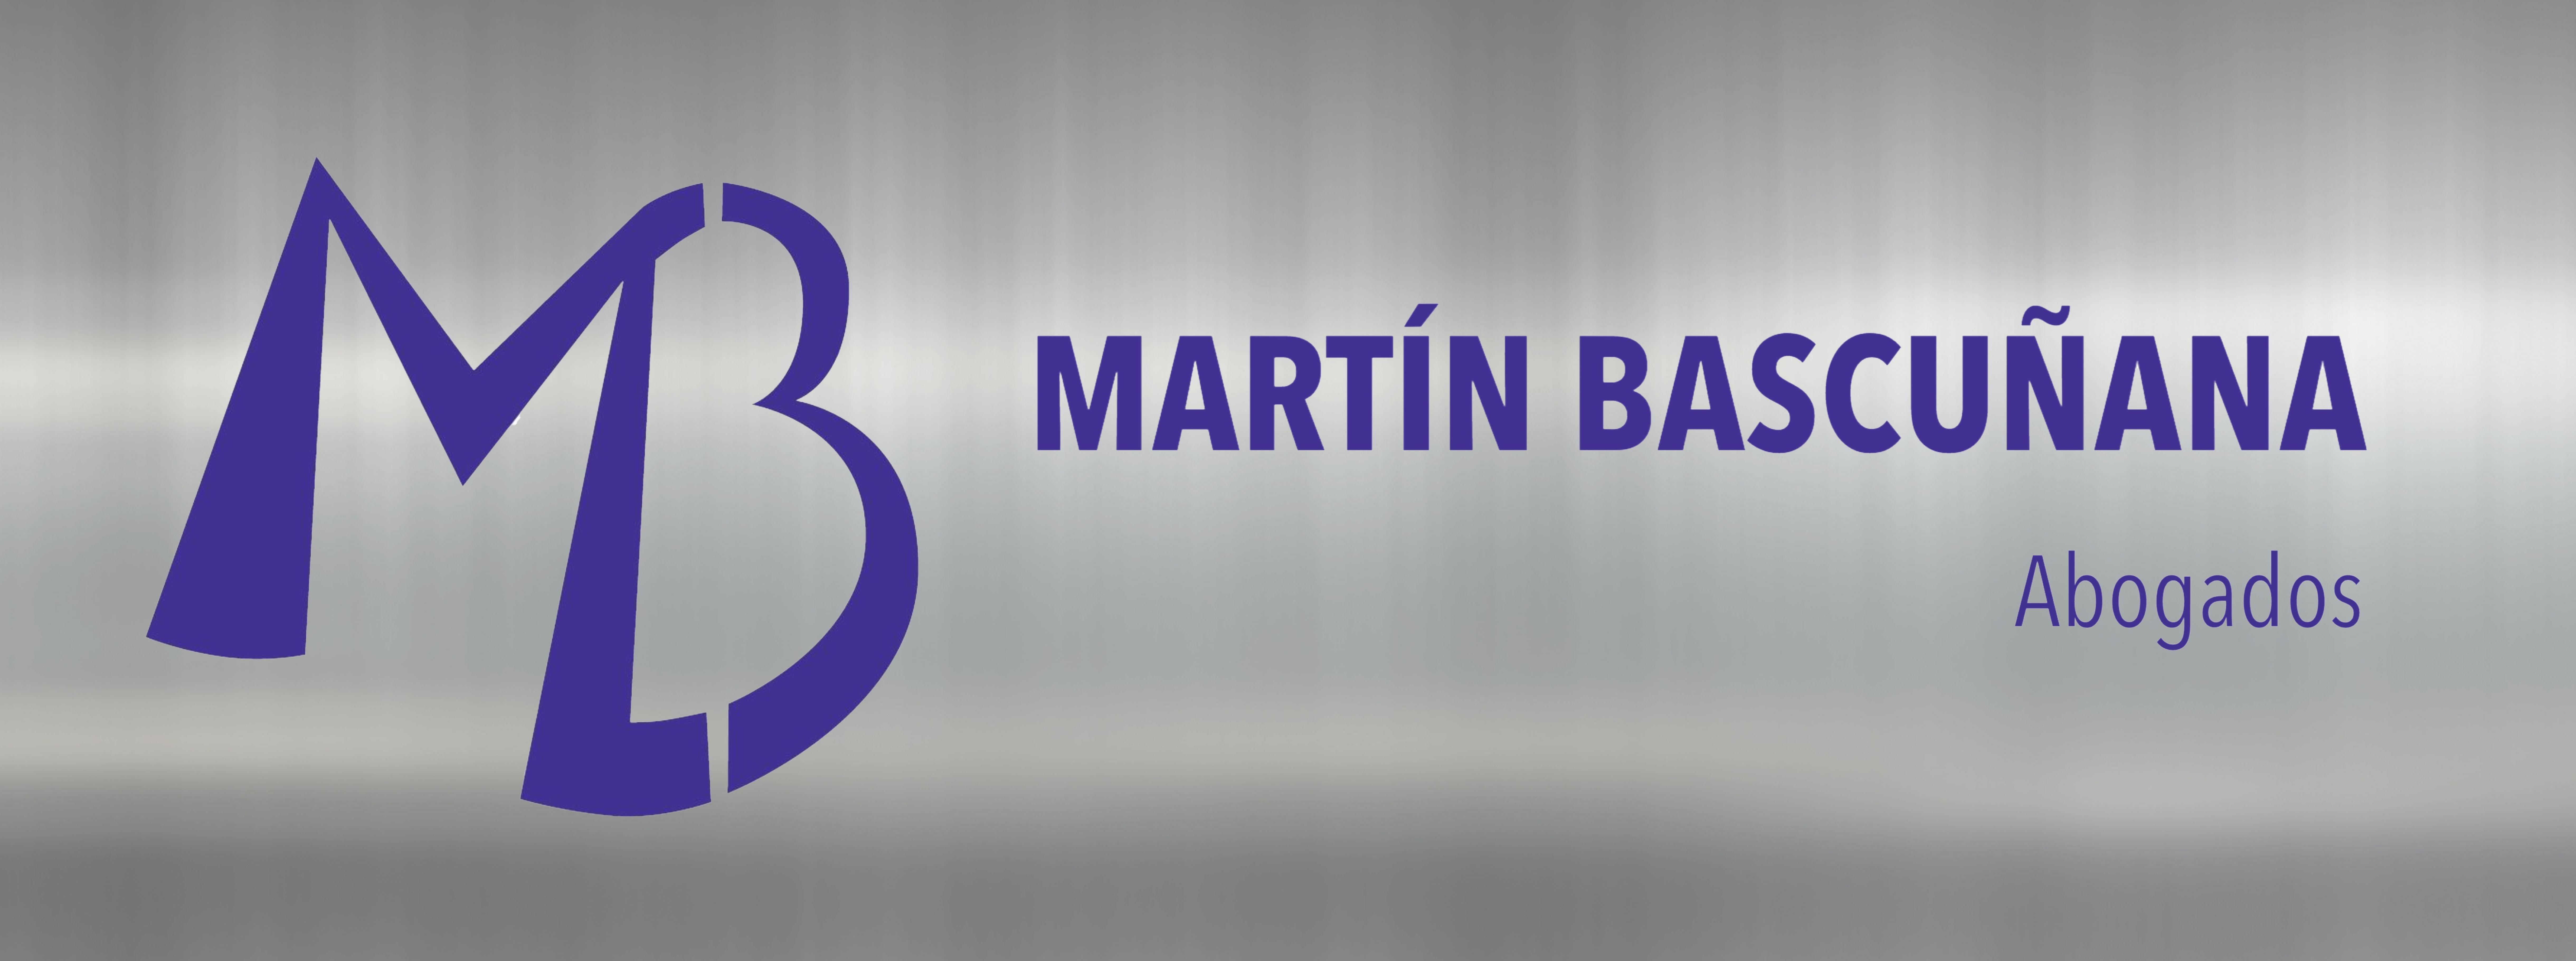 Logotipo MB Abogados 01